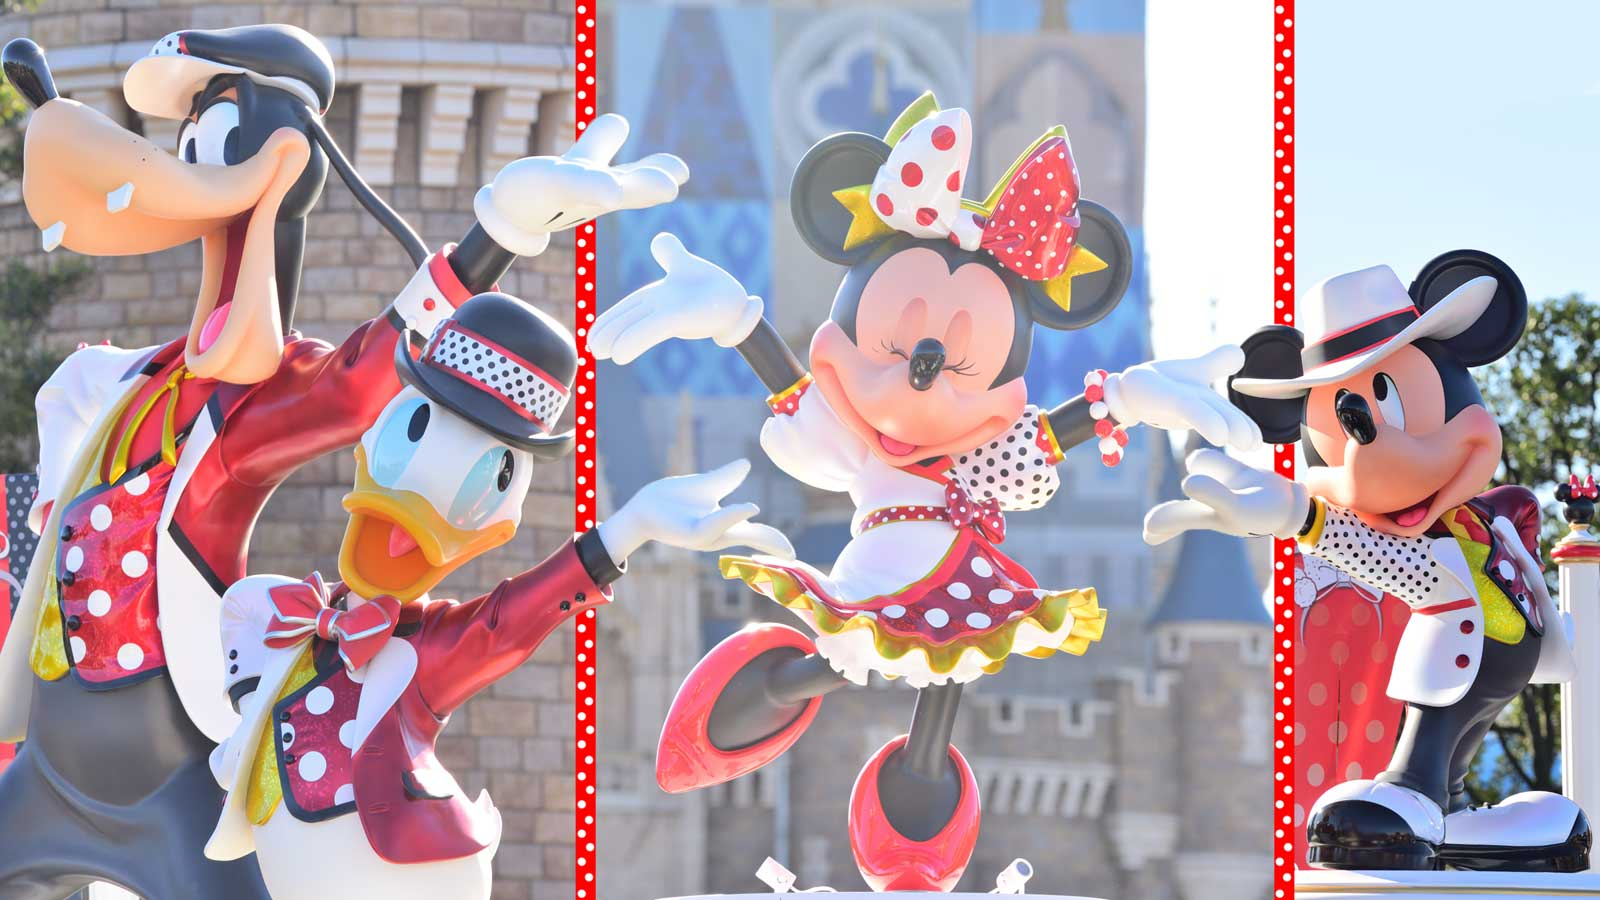 ディズニー 混雑 予想 1 月 ディズニーランド・ディズニーシー混雑予想|DoCoJapan